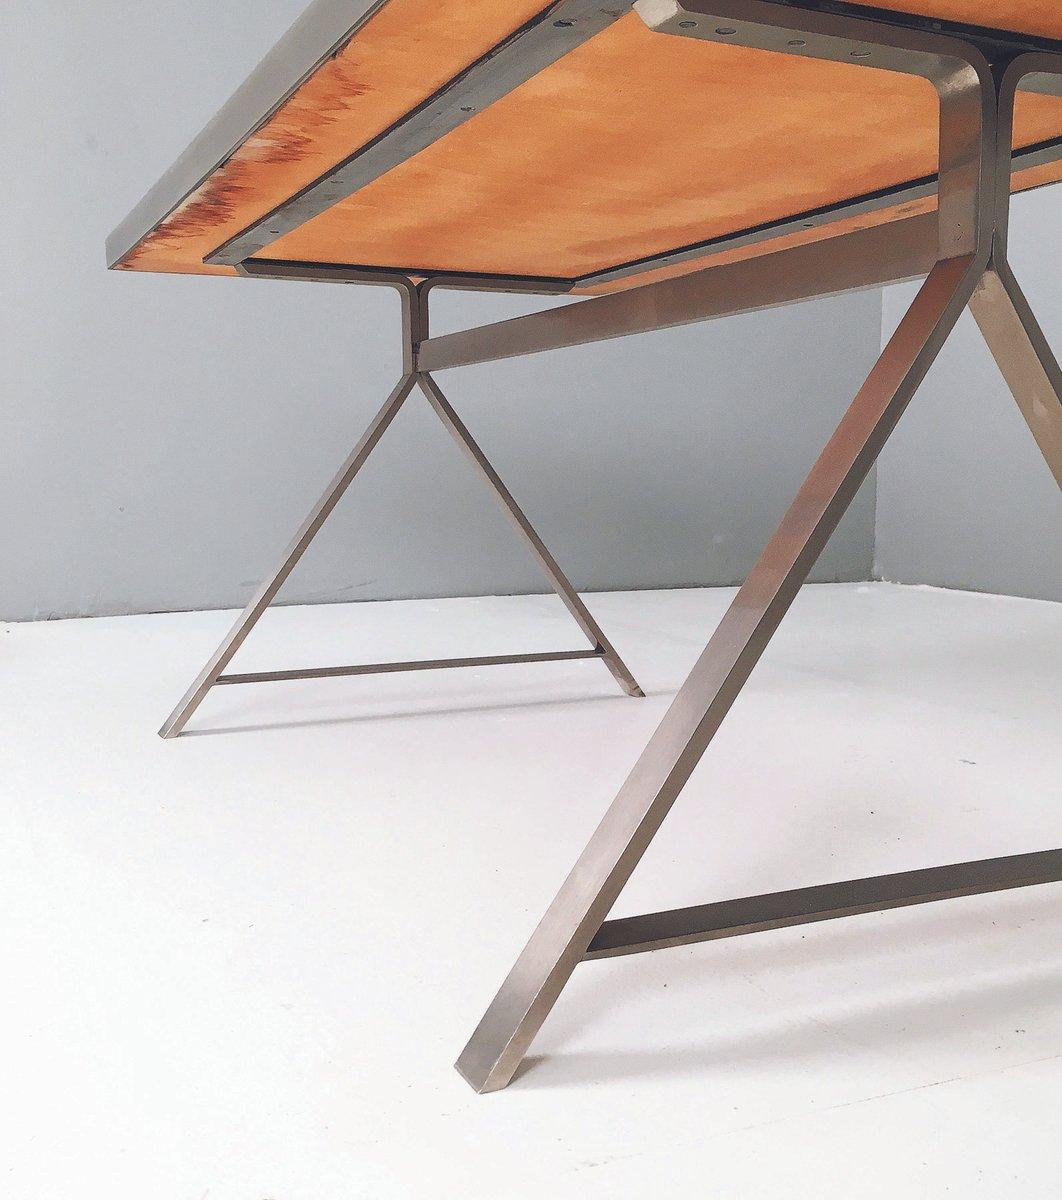 couchtisch mit glasmosaik platte 1970er bei pamono kaufen. Black Bedroom Furniture Sets. Home Design Ideas